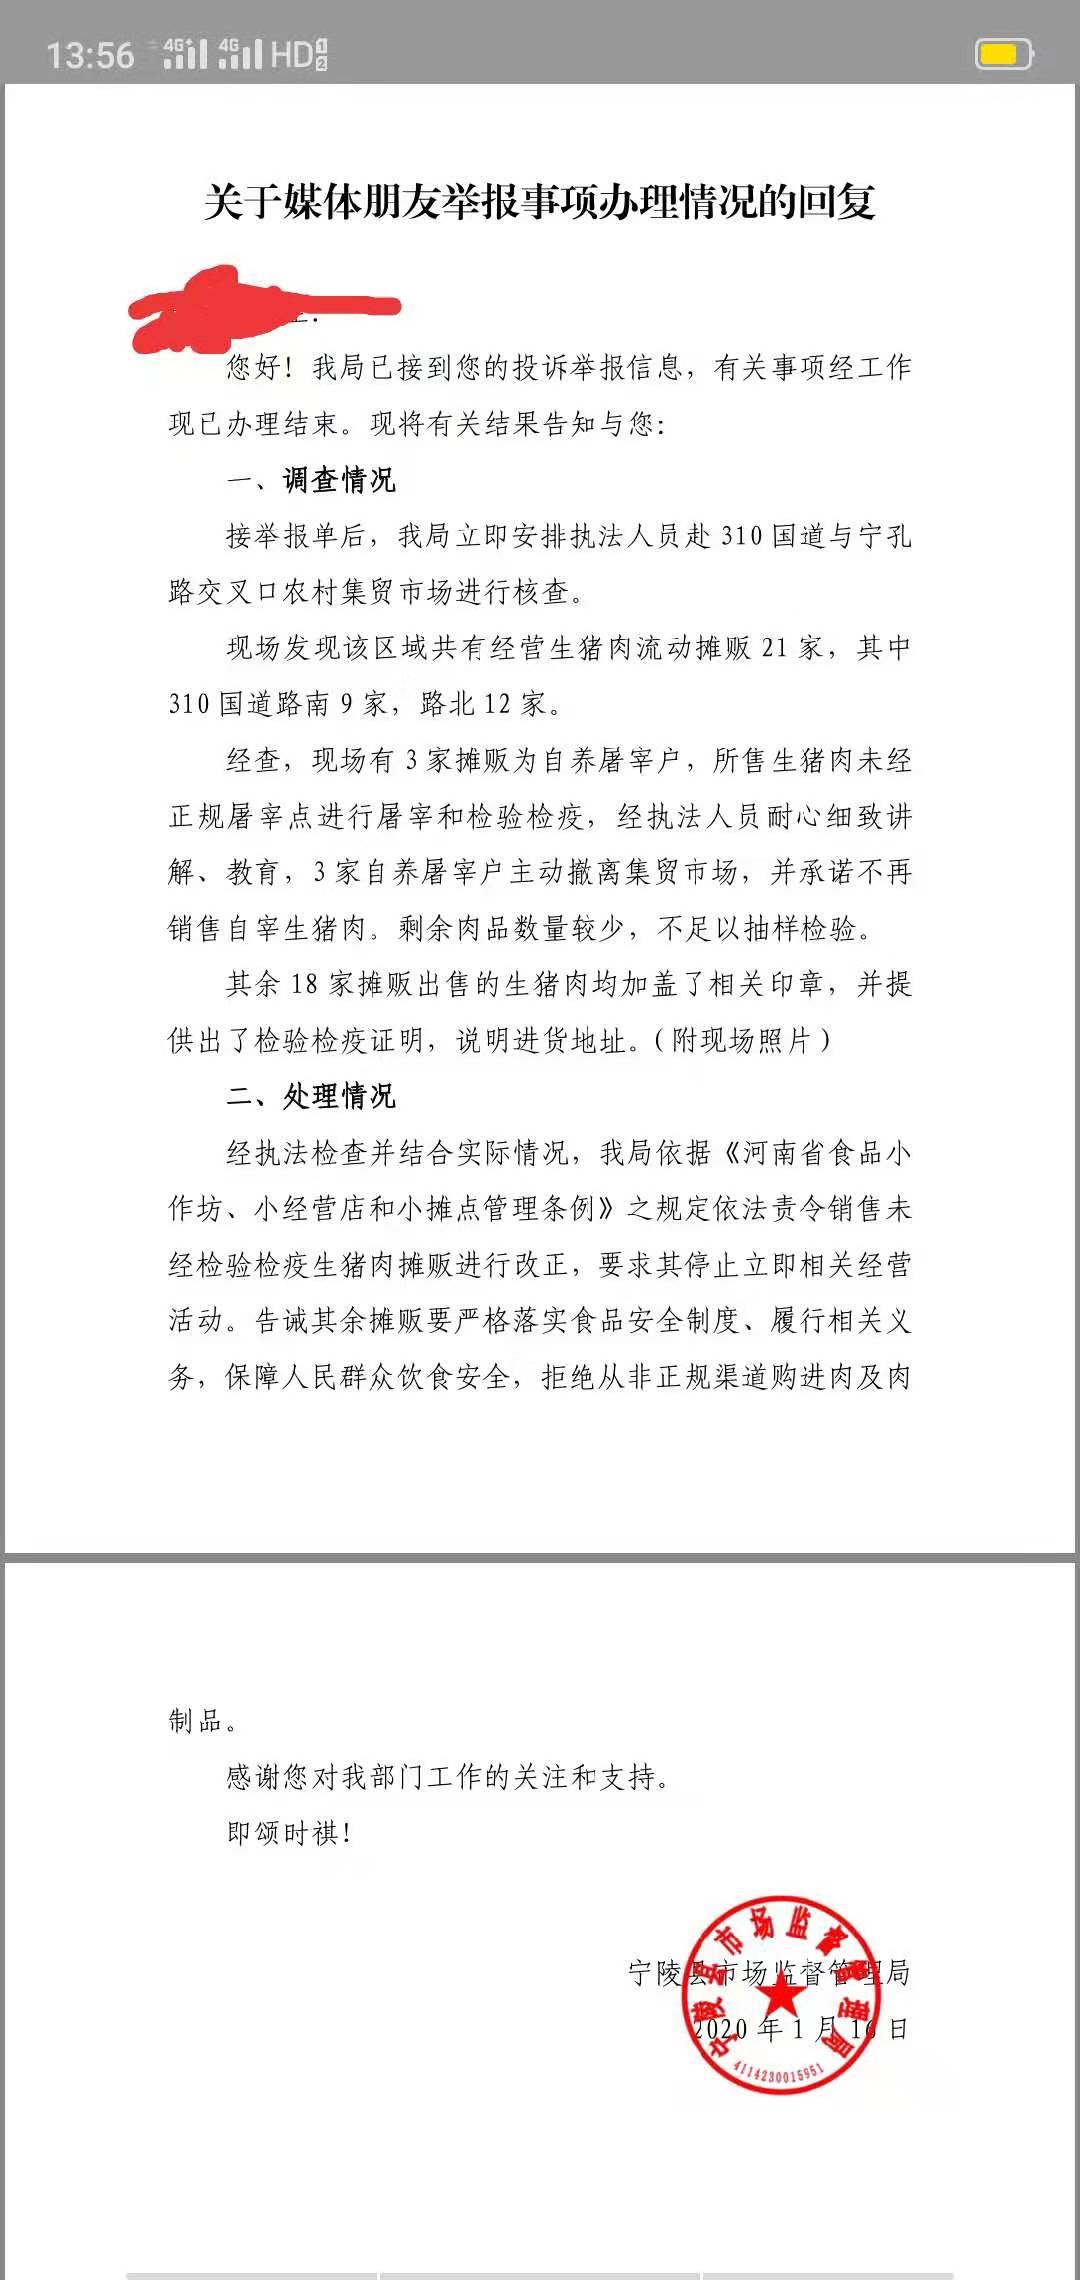 宁陵县市场监管有存在敷衍执法之嫌疑 白条猪肉占据市场主峰